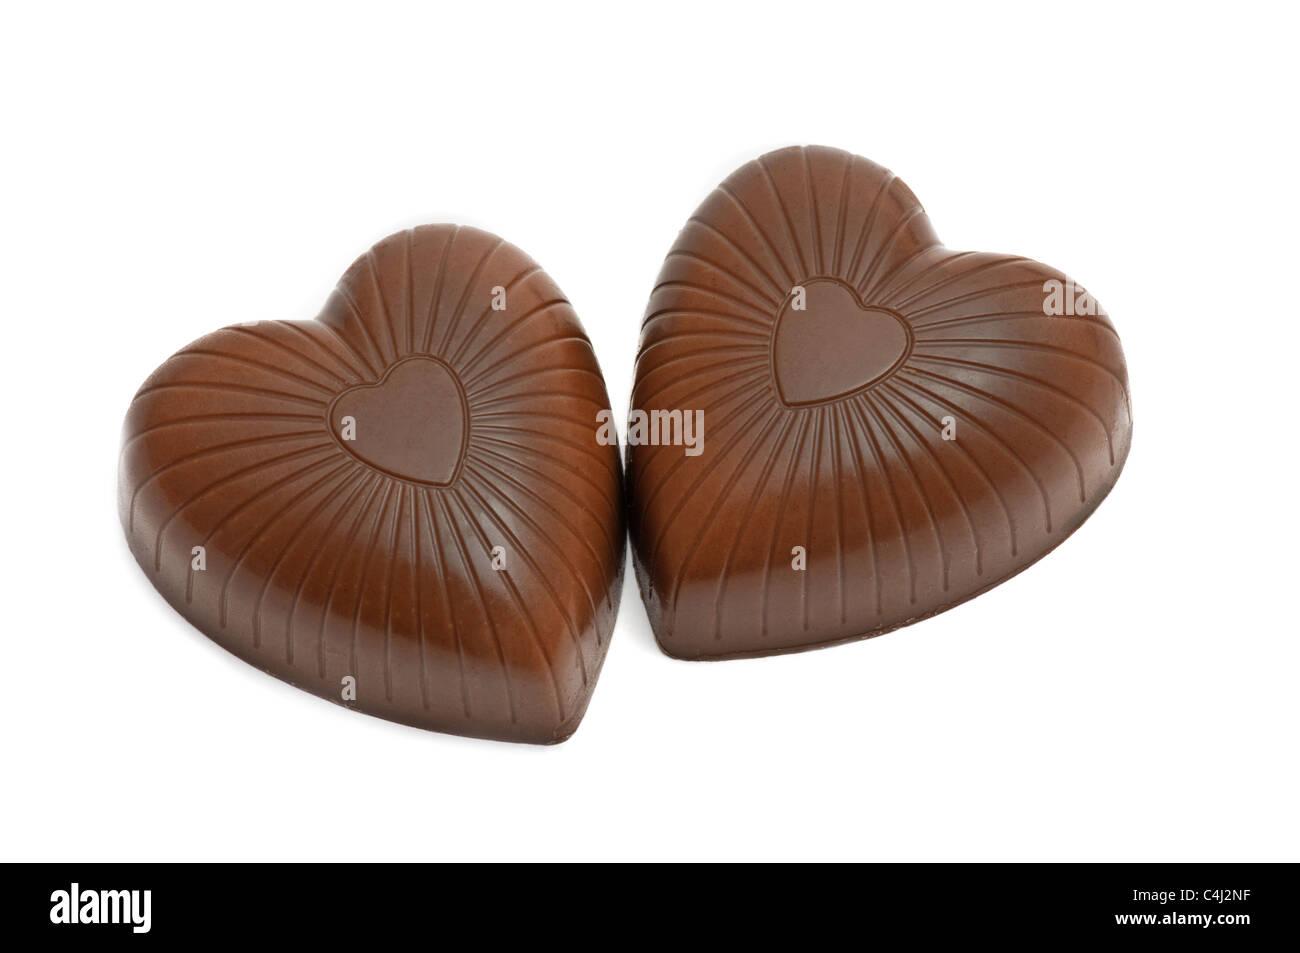 Coppia di cioccolato candy cuore sharp su bianco Immagini Stock